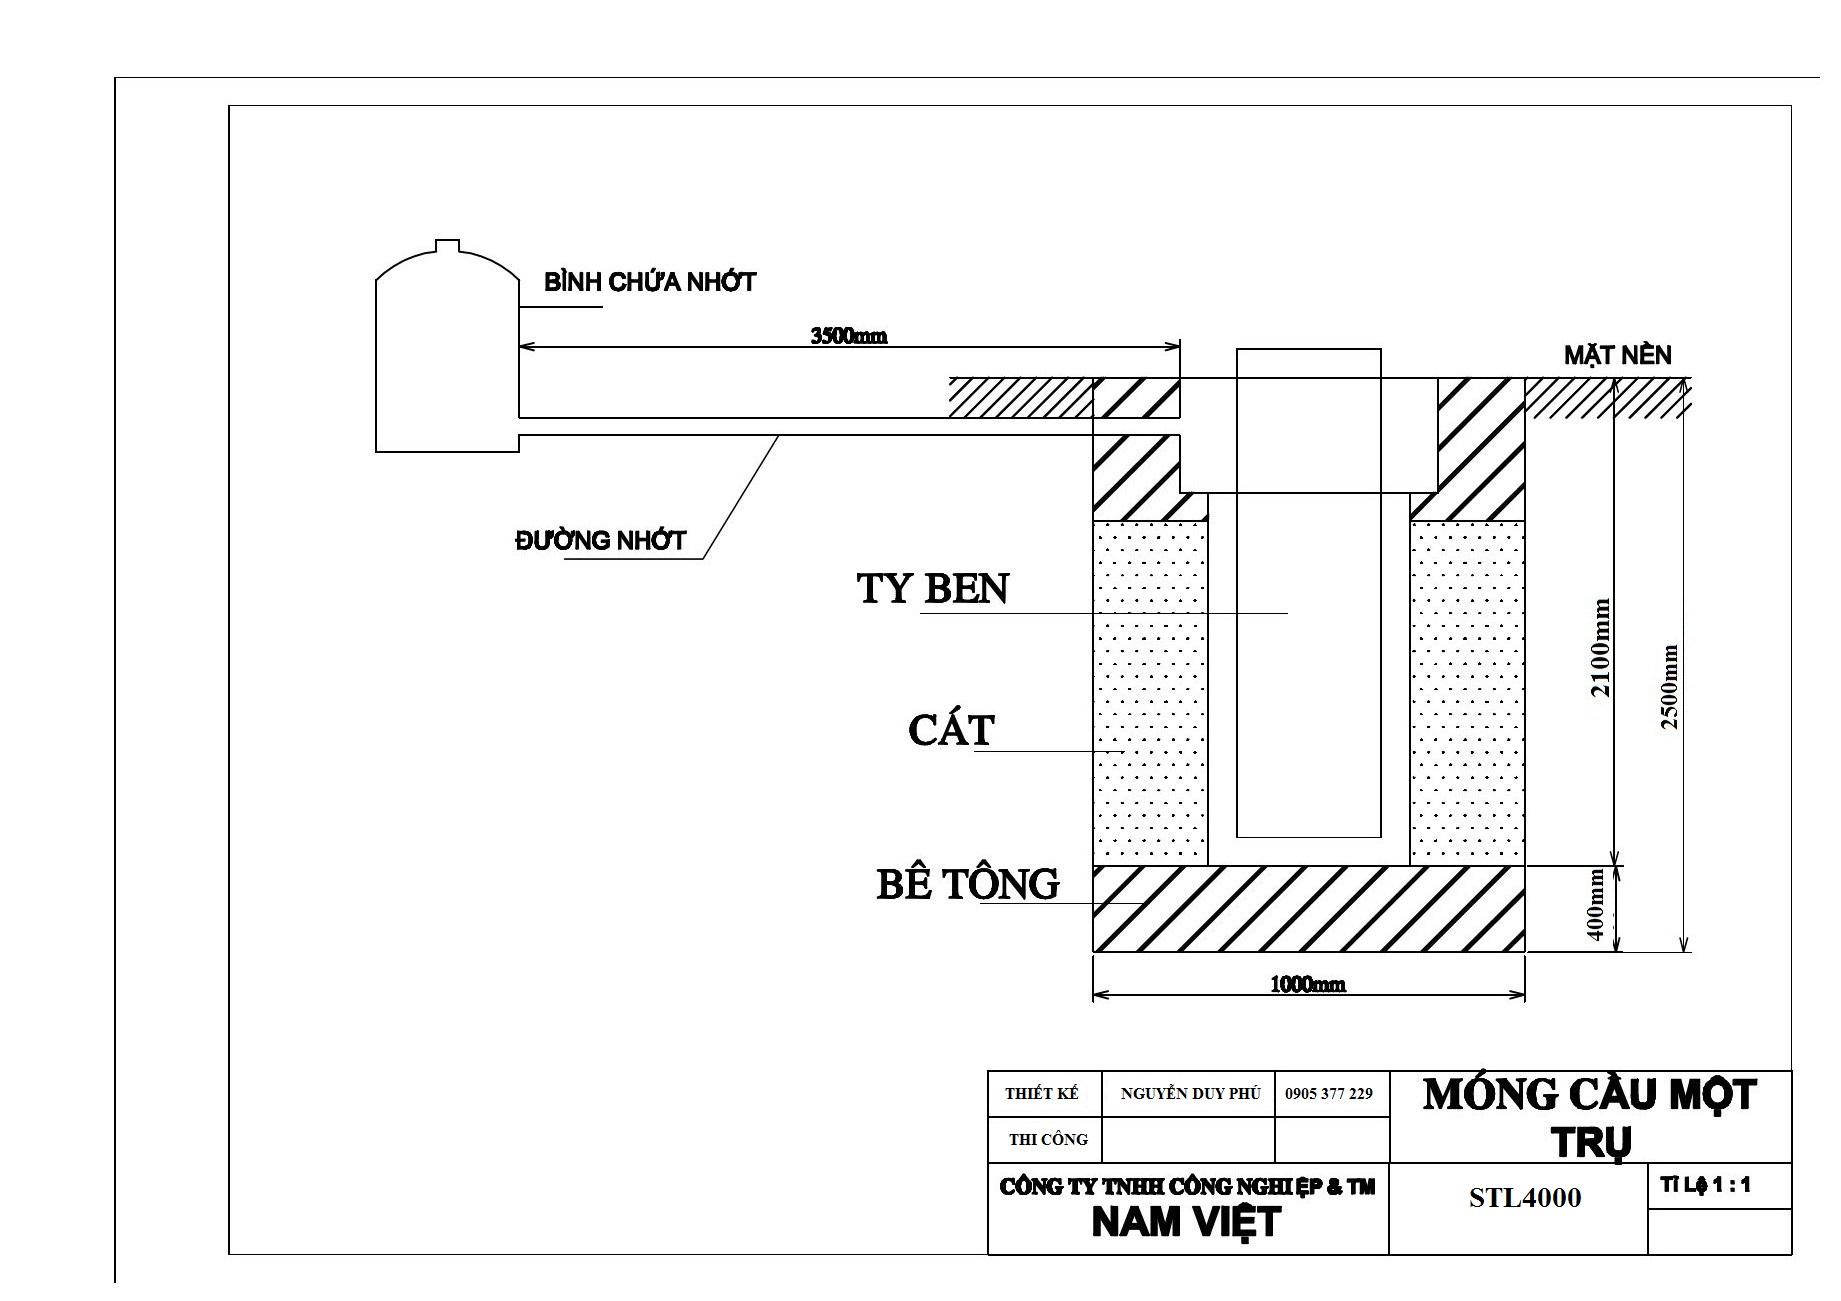 bản vẽ móng cầu nâng 1 trụ nv4000